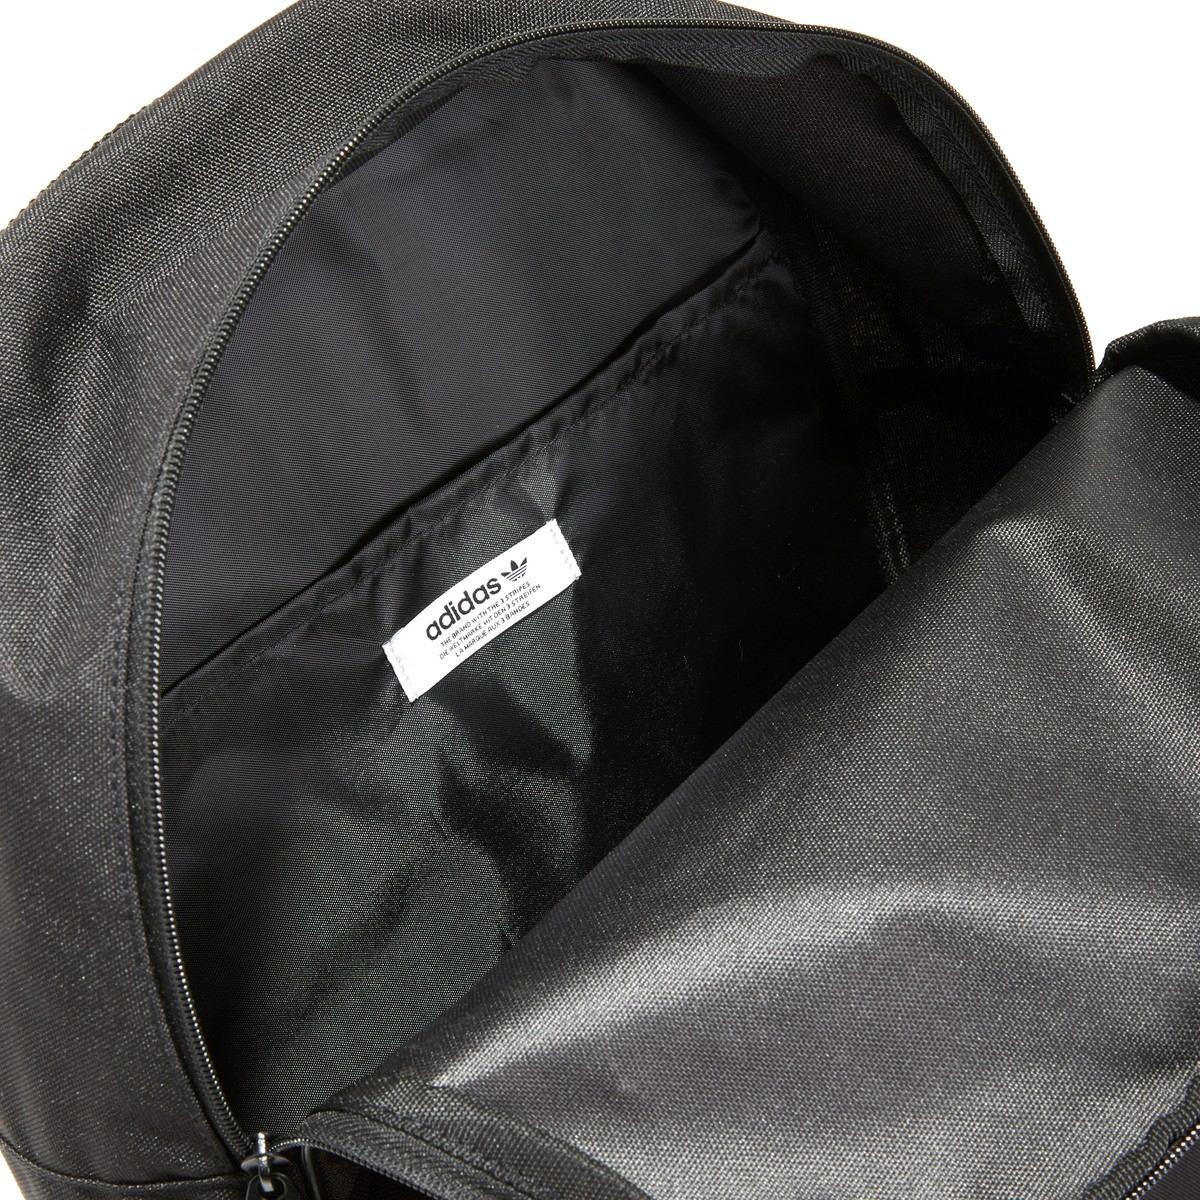 gran venta Promoción de ventas en stock Mochila adidas Originals Classic Trefoil Preta - Único - R$ 139,90 ...